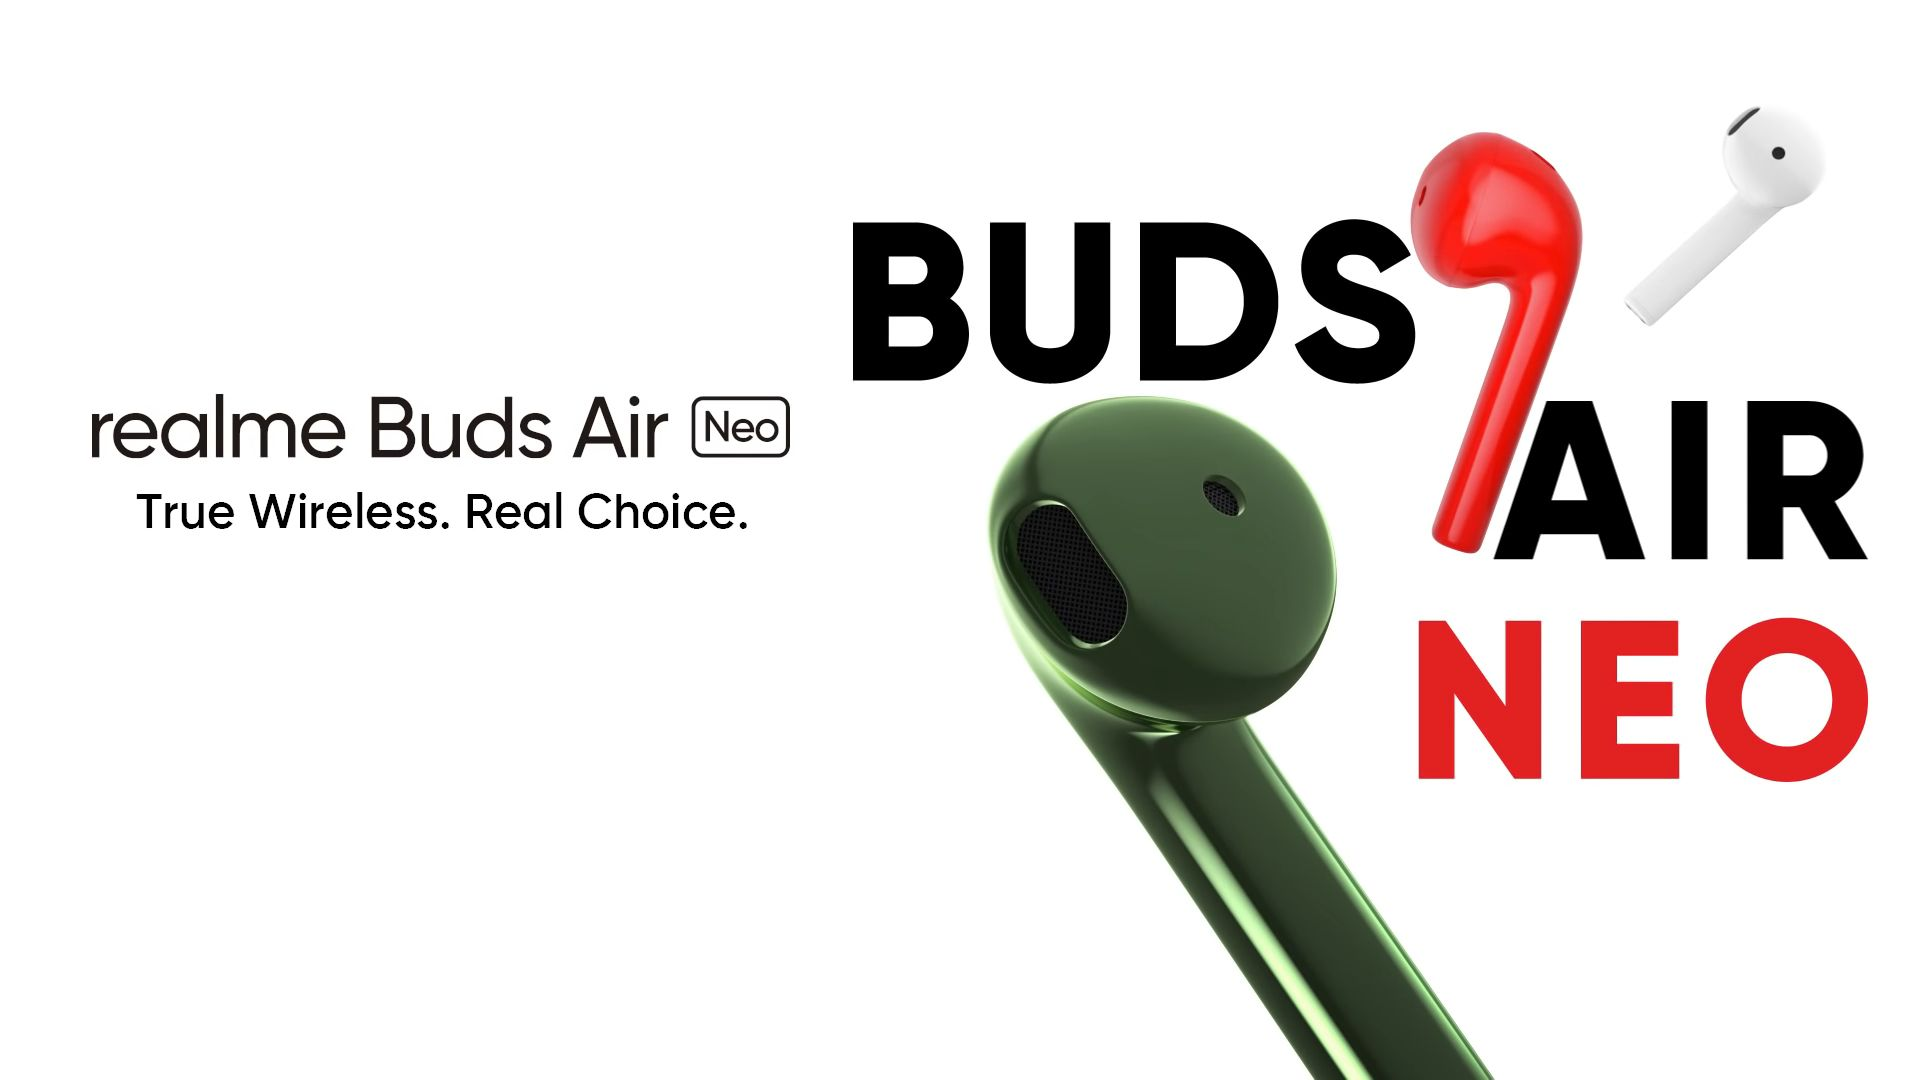 Realme Buds Air Neo presentati ufficialmente: sembrano degli AirPods, ma costano molto meno